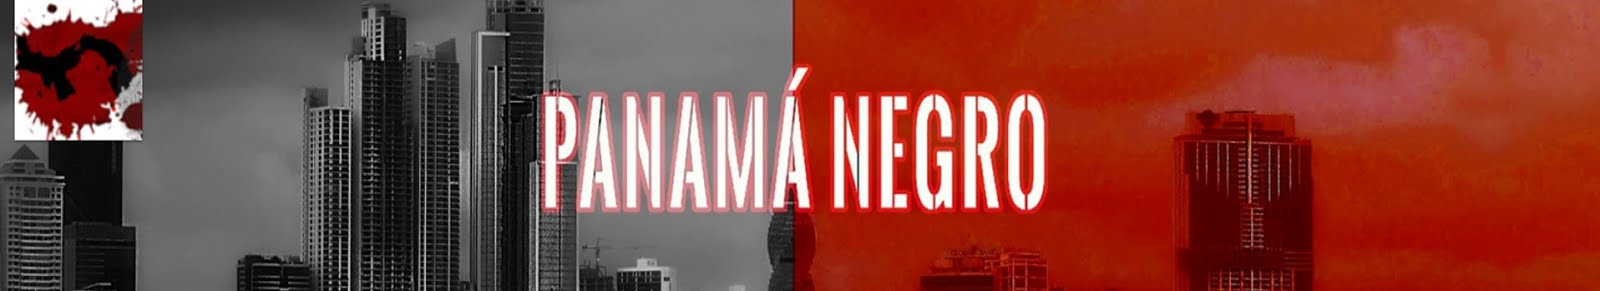 Videos del Panamá Negro 2016